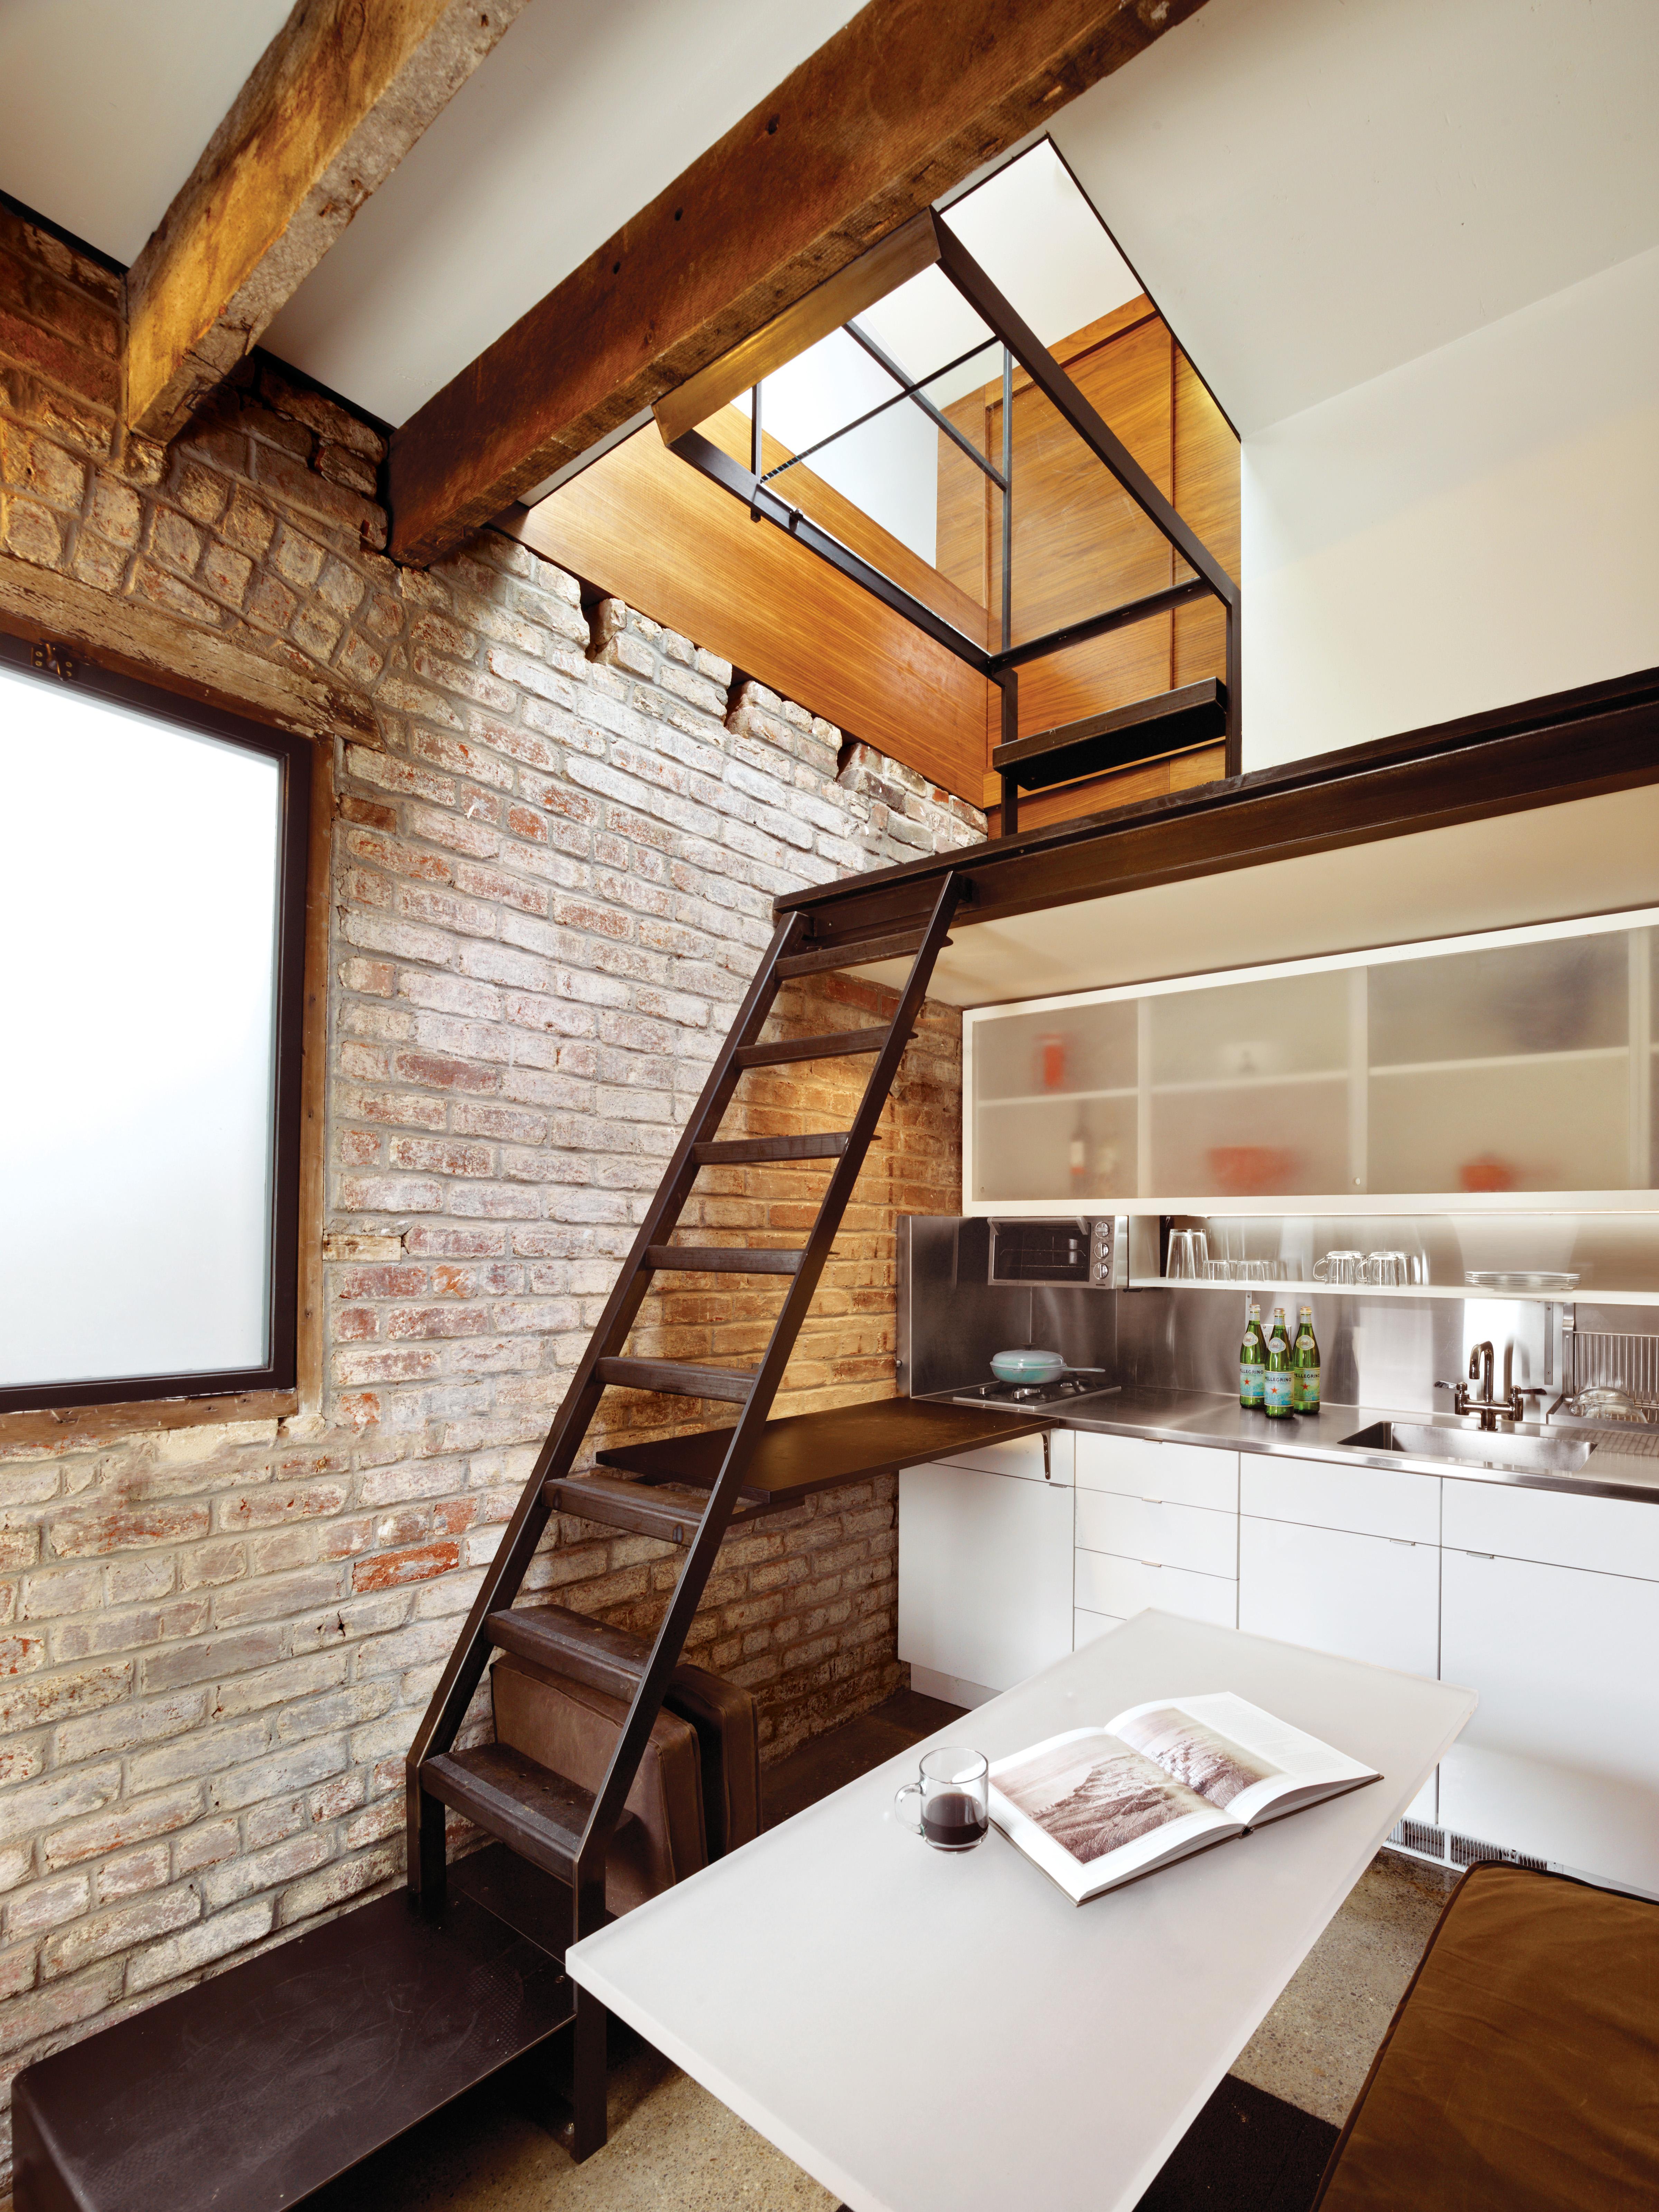 8 cose da considerare per vivere bene in una casa piccola for Ottenere un prestito per costruire una casa